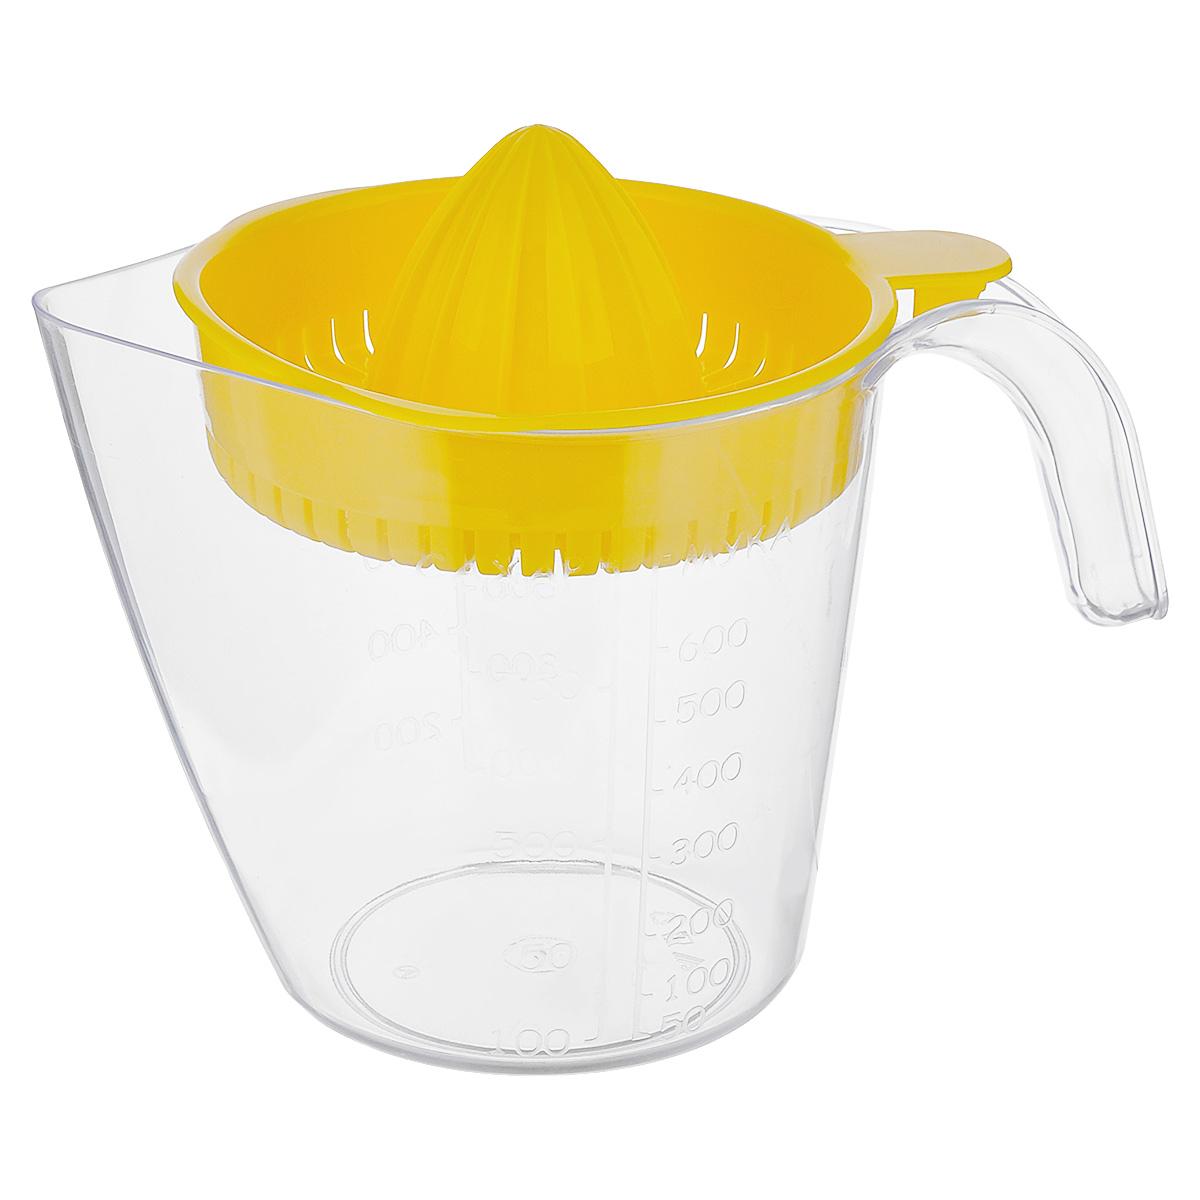 Соковыжималка для цитрусовых Альтернатива, ручная, с мерным стаканом, цвет: желтый, 1,1 лМ380Ручная соковыжималка для цитрусовых Альтернатива, изготовленная из пластика, станет полезным аксессуаром на любой кухне. Она идеально подойдет для мелких и крупных цитрусовых фруктов. Достаточно разрезать фрукты пополам, зафиксировать на держателе и покрутить. Сок выливается в мерный стакан, входящий в комплект. Простая и удобная в использовании соковыжималка Альтернатива займет достойное место среди кухонного инвентаря. Размер соковыжималки: 16 см х 13,5 см х 6 см.Объем мерного стакана: 1,1 л.Диаметр стакана по верхнему краю: 13 см.Высота стакана: 13,5 см.